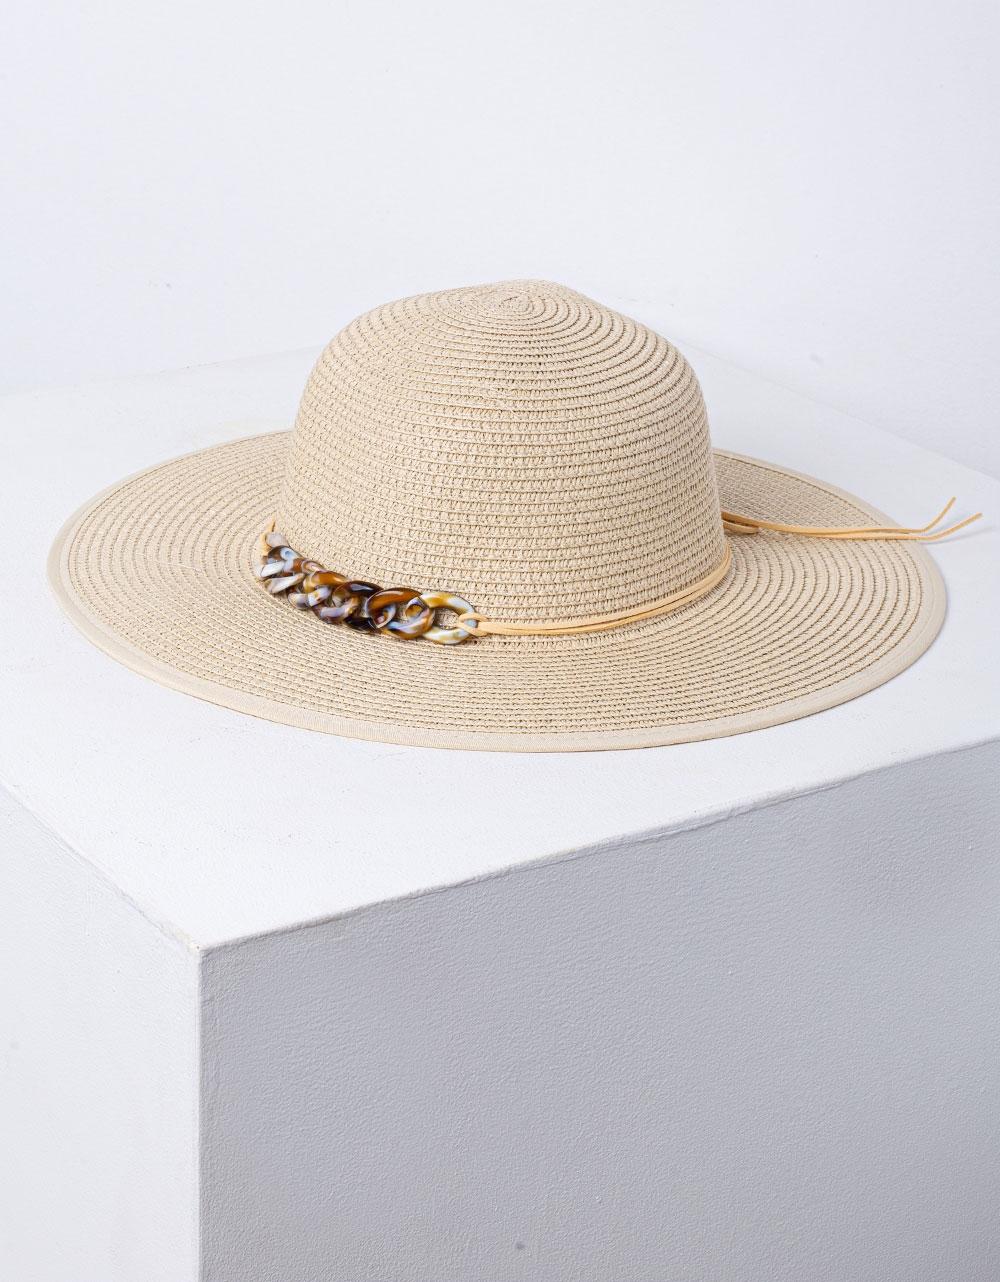 Εικόνα από Γυναικείο καπέλο ψάθινο με μεταλλική λεπτομέρεια Πούρο